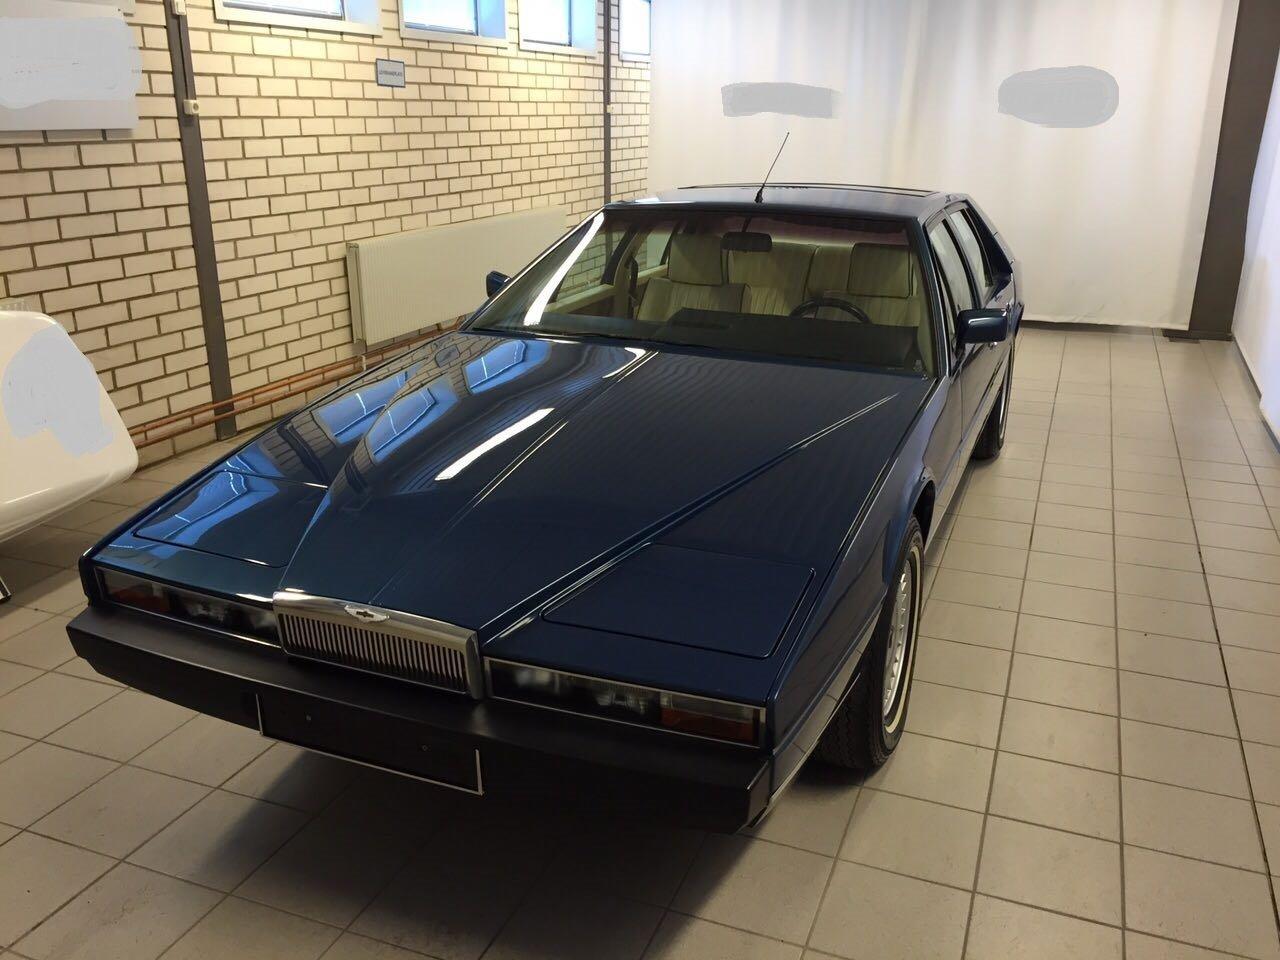 1986 Aston Martin Lagonda Series 2 for sale For Sale (picture 1 of 3)